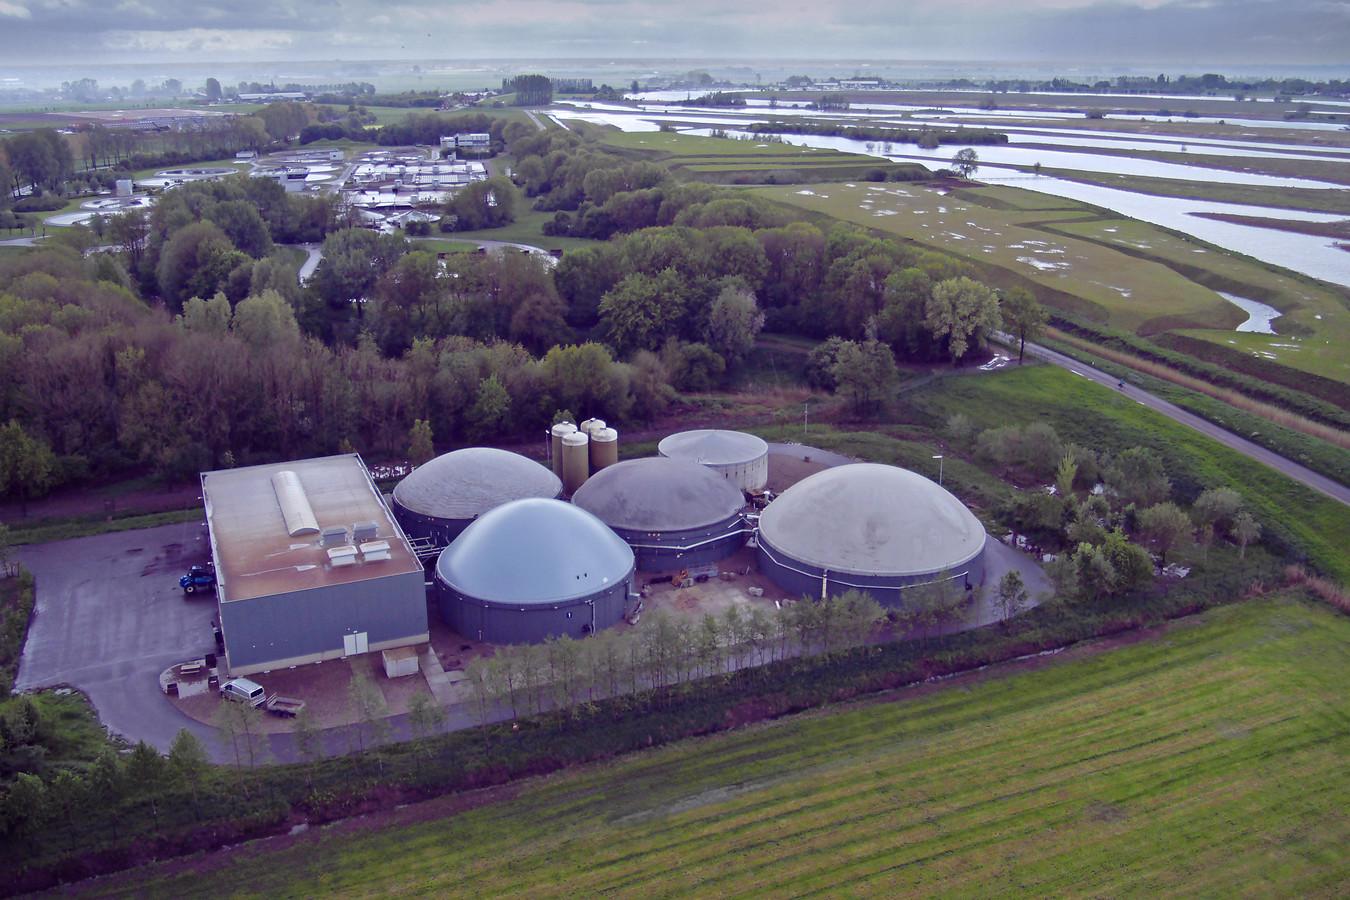 De mestverwerkingsinstallatie in Oijen met op de achtergrond de waterzuivering van waterschap Aa en Maas en rechts de Hemelrijkse Waard.